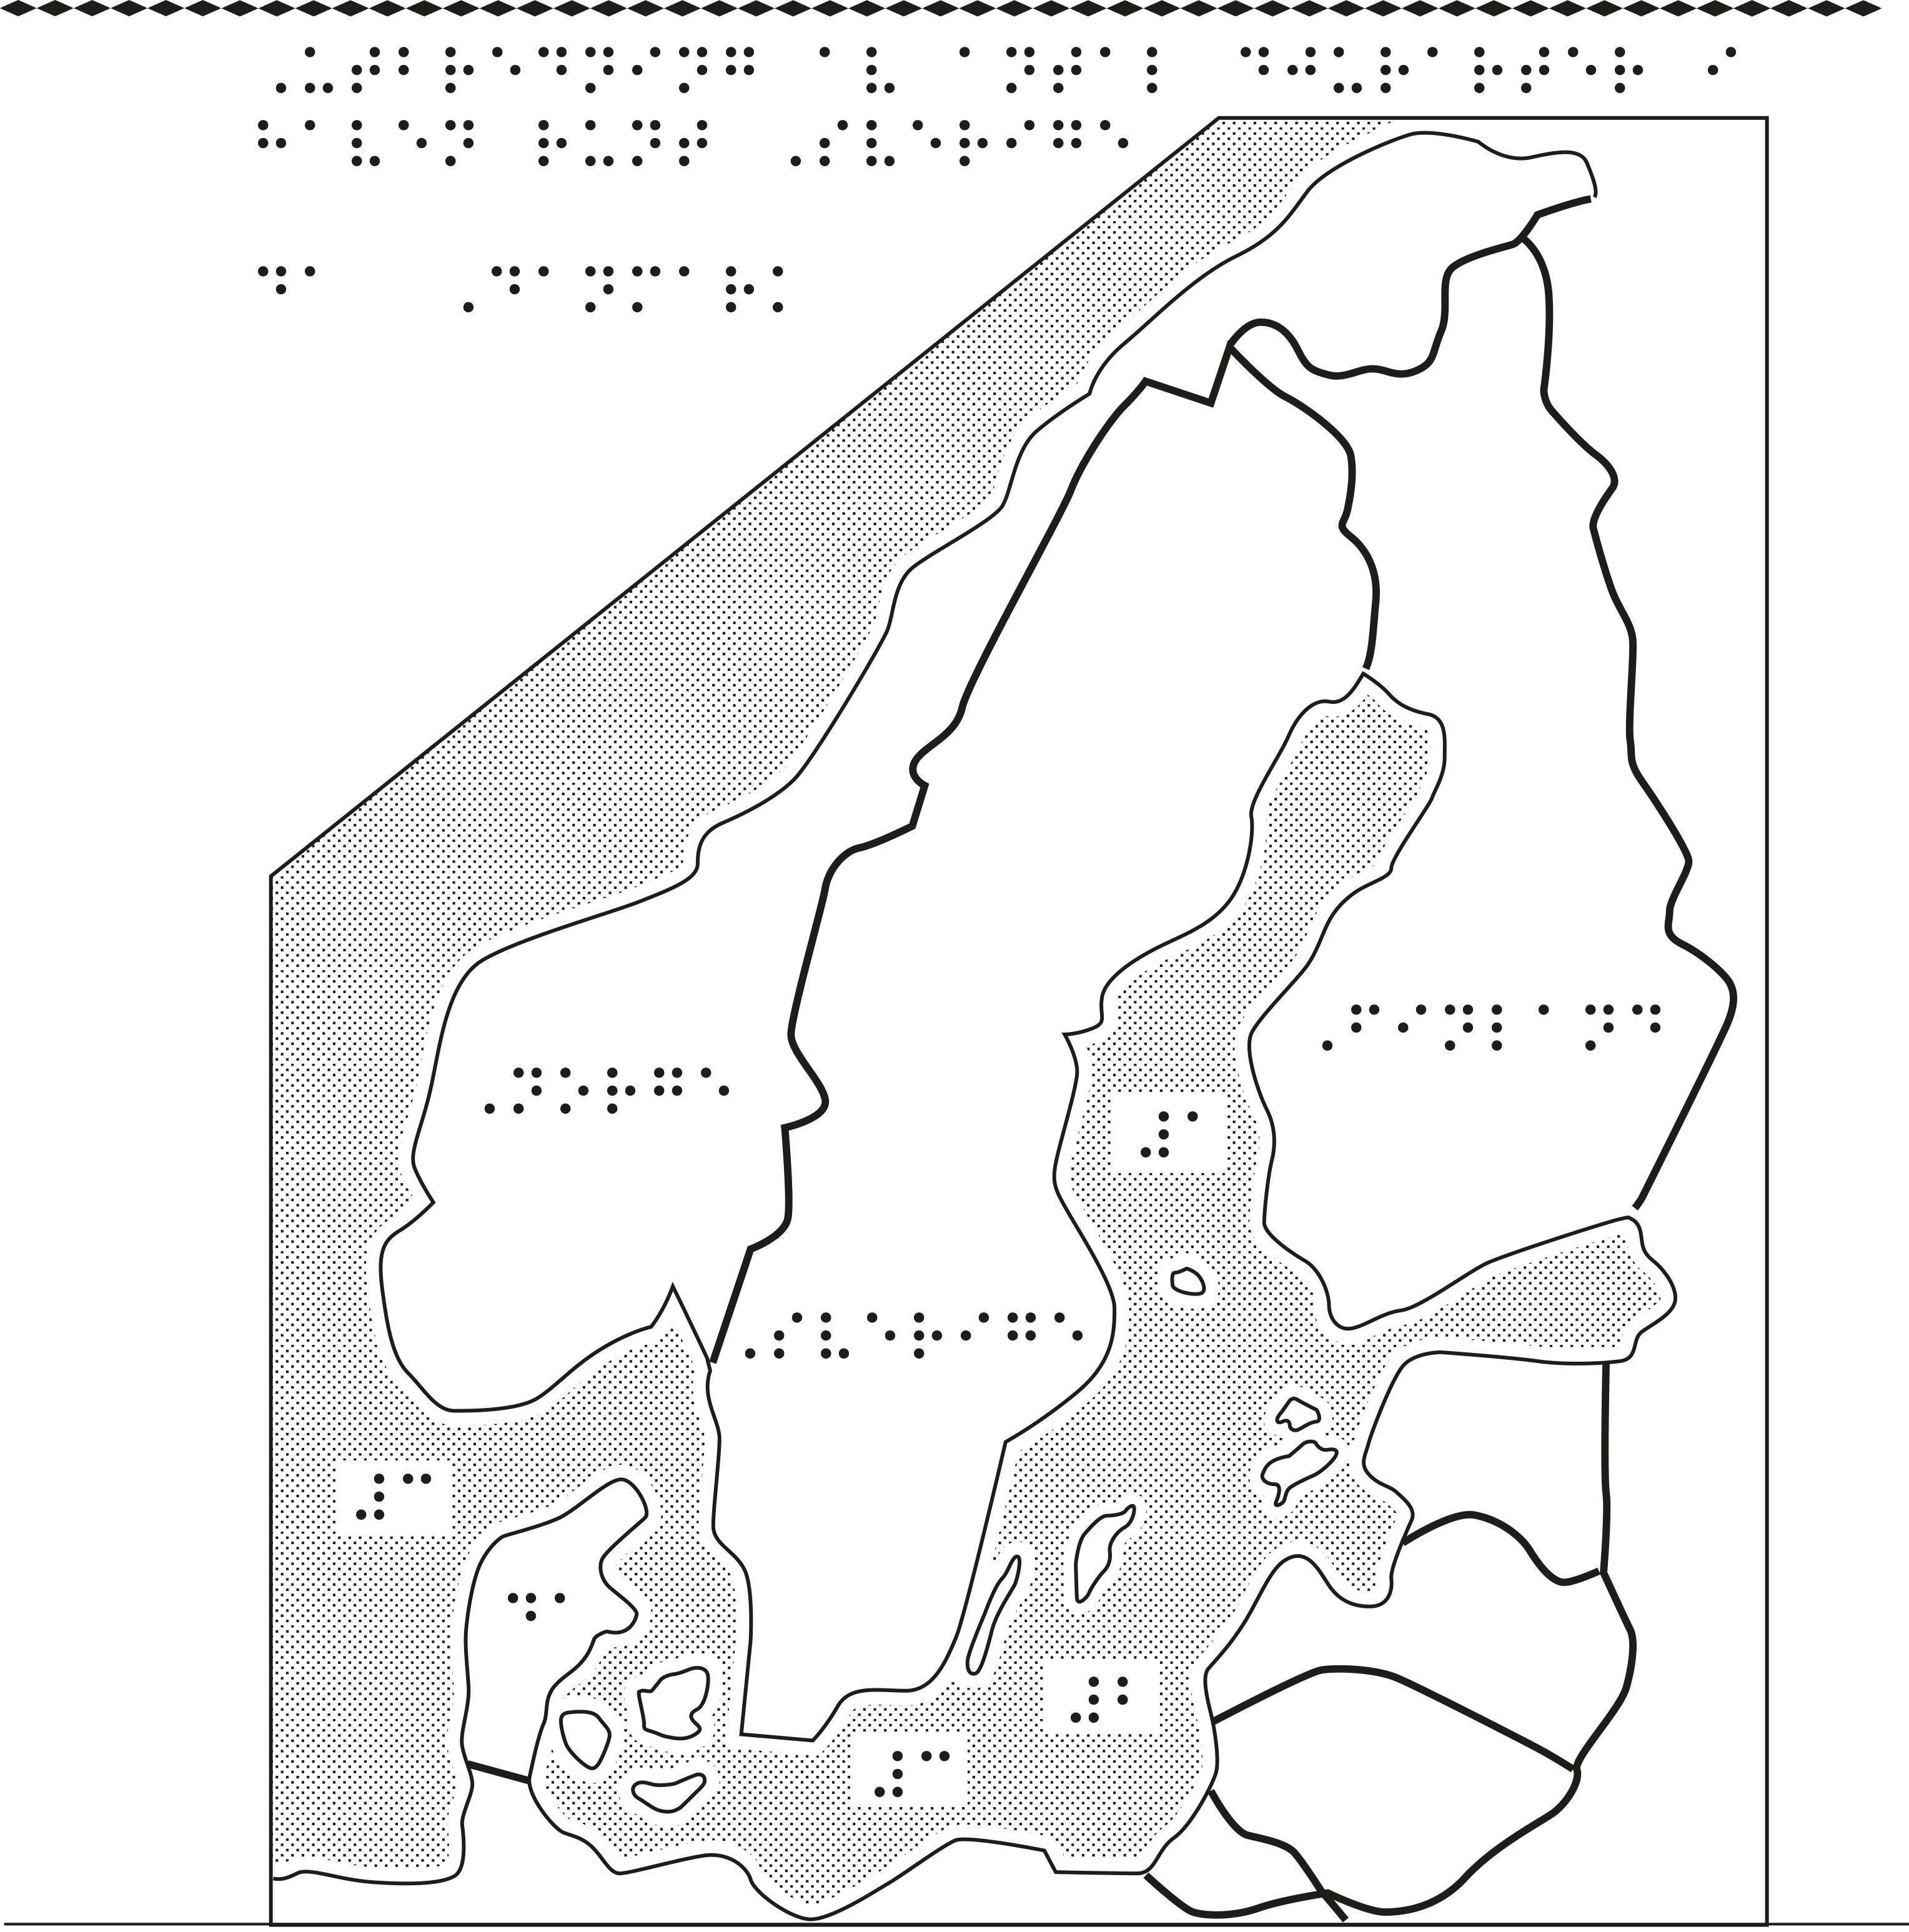 Karta av Skandinavien i relief med punktskrift.